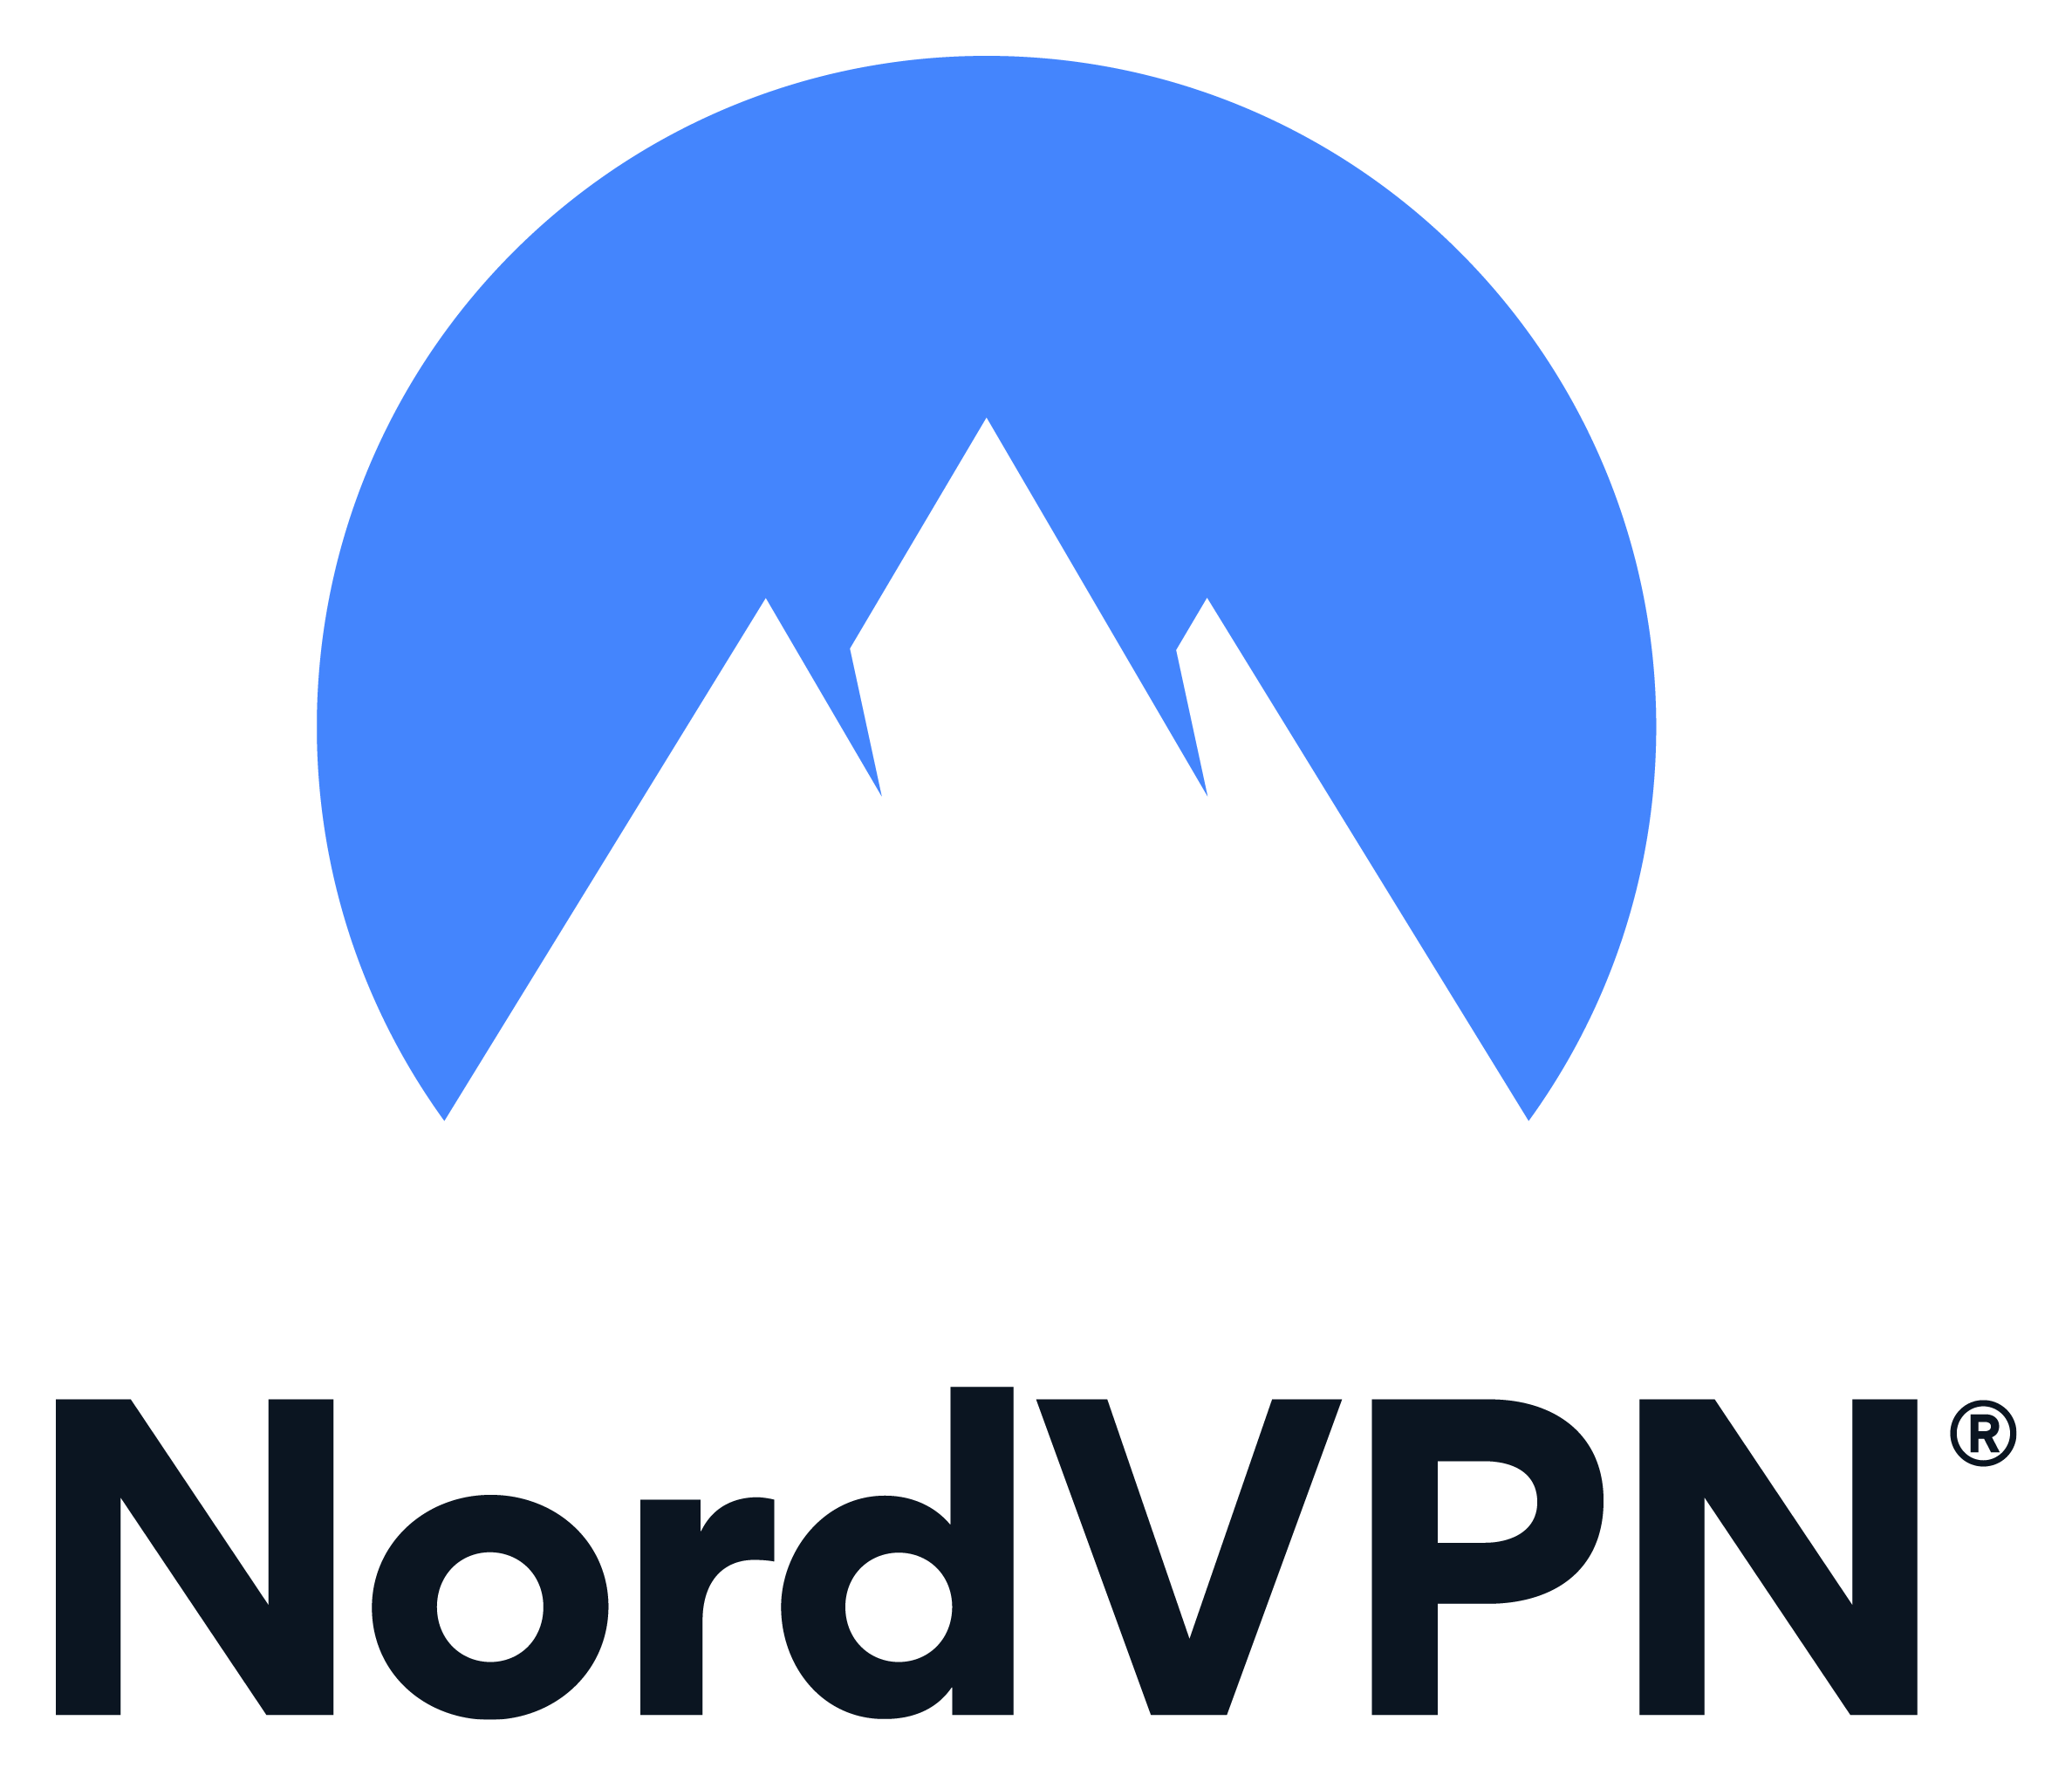 Анонимайзер NordVPN (Proxy) — Скачать бесплатно